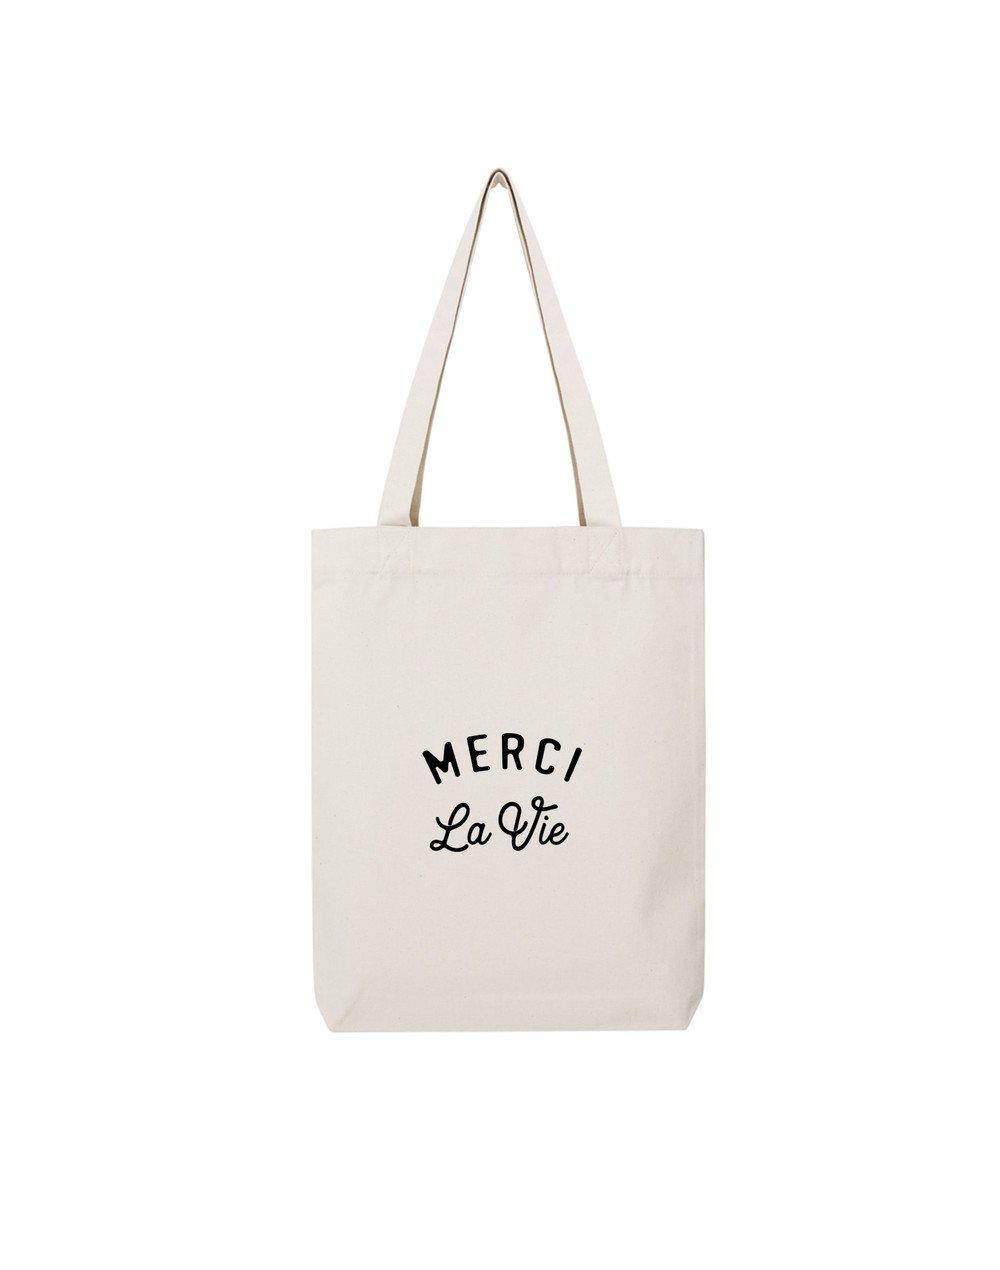 MERCI LA VIE - Tote Bag  Natural  en coton